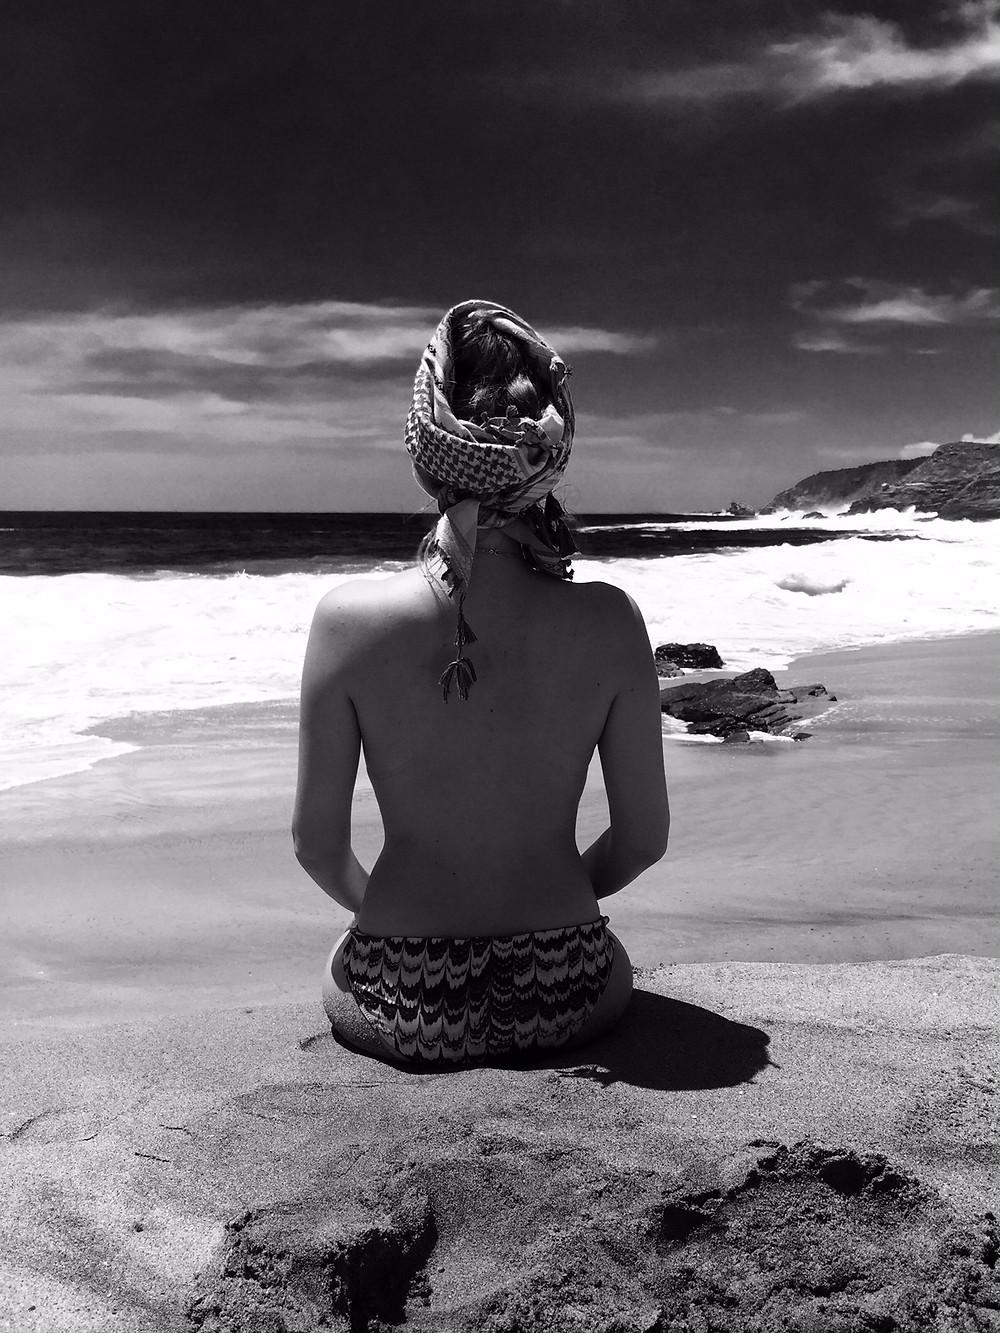 Klicke auf das Bild, um die Meditation anzuhören